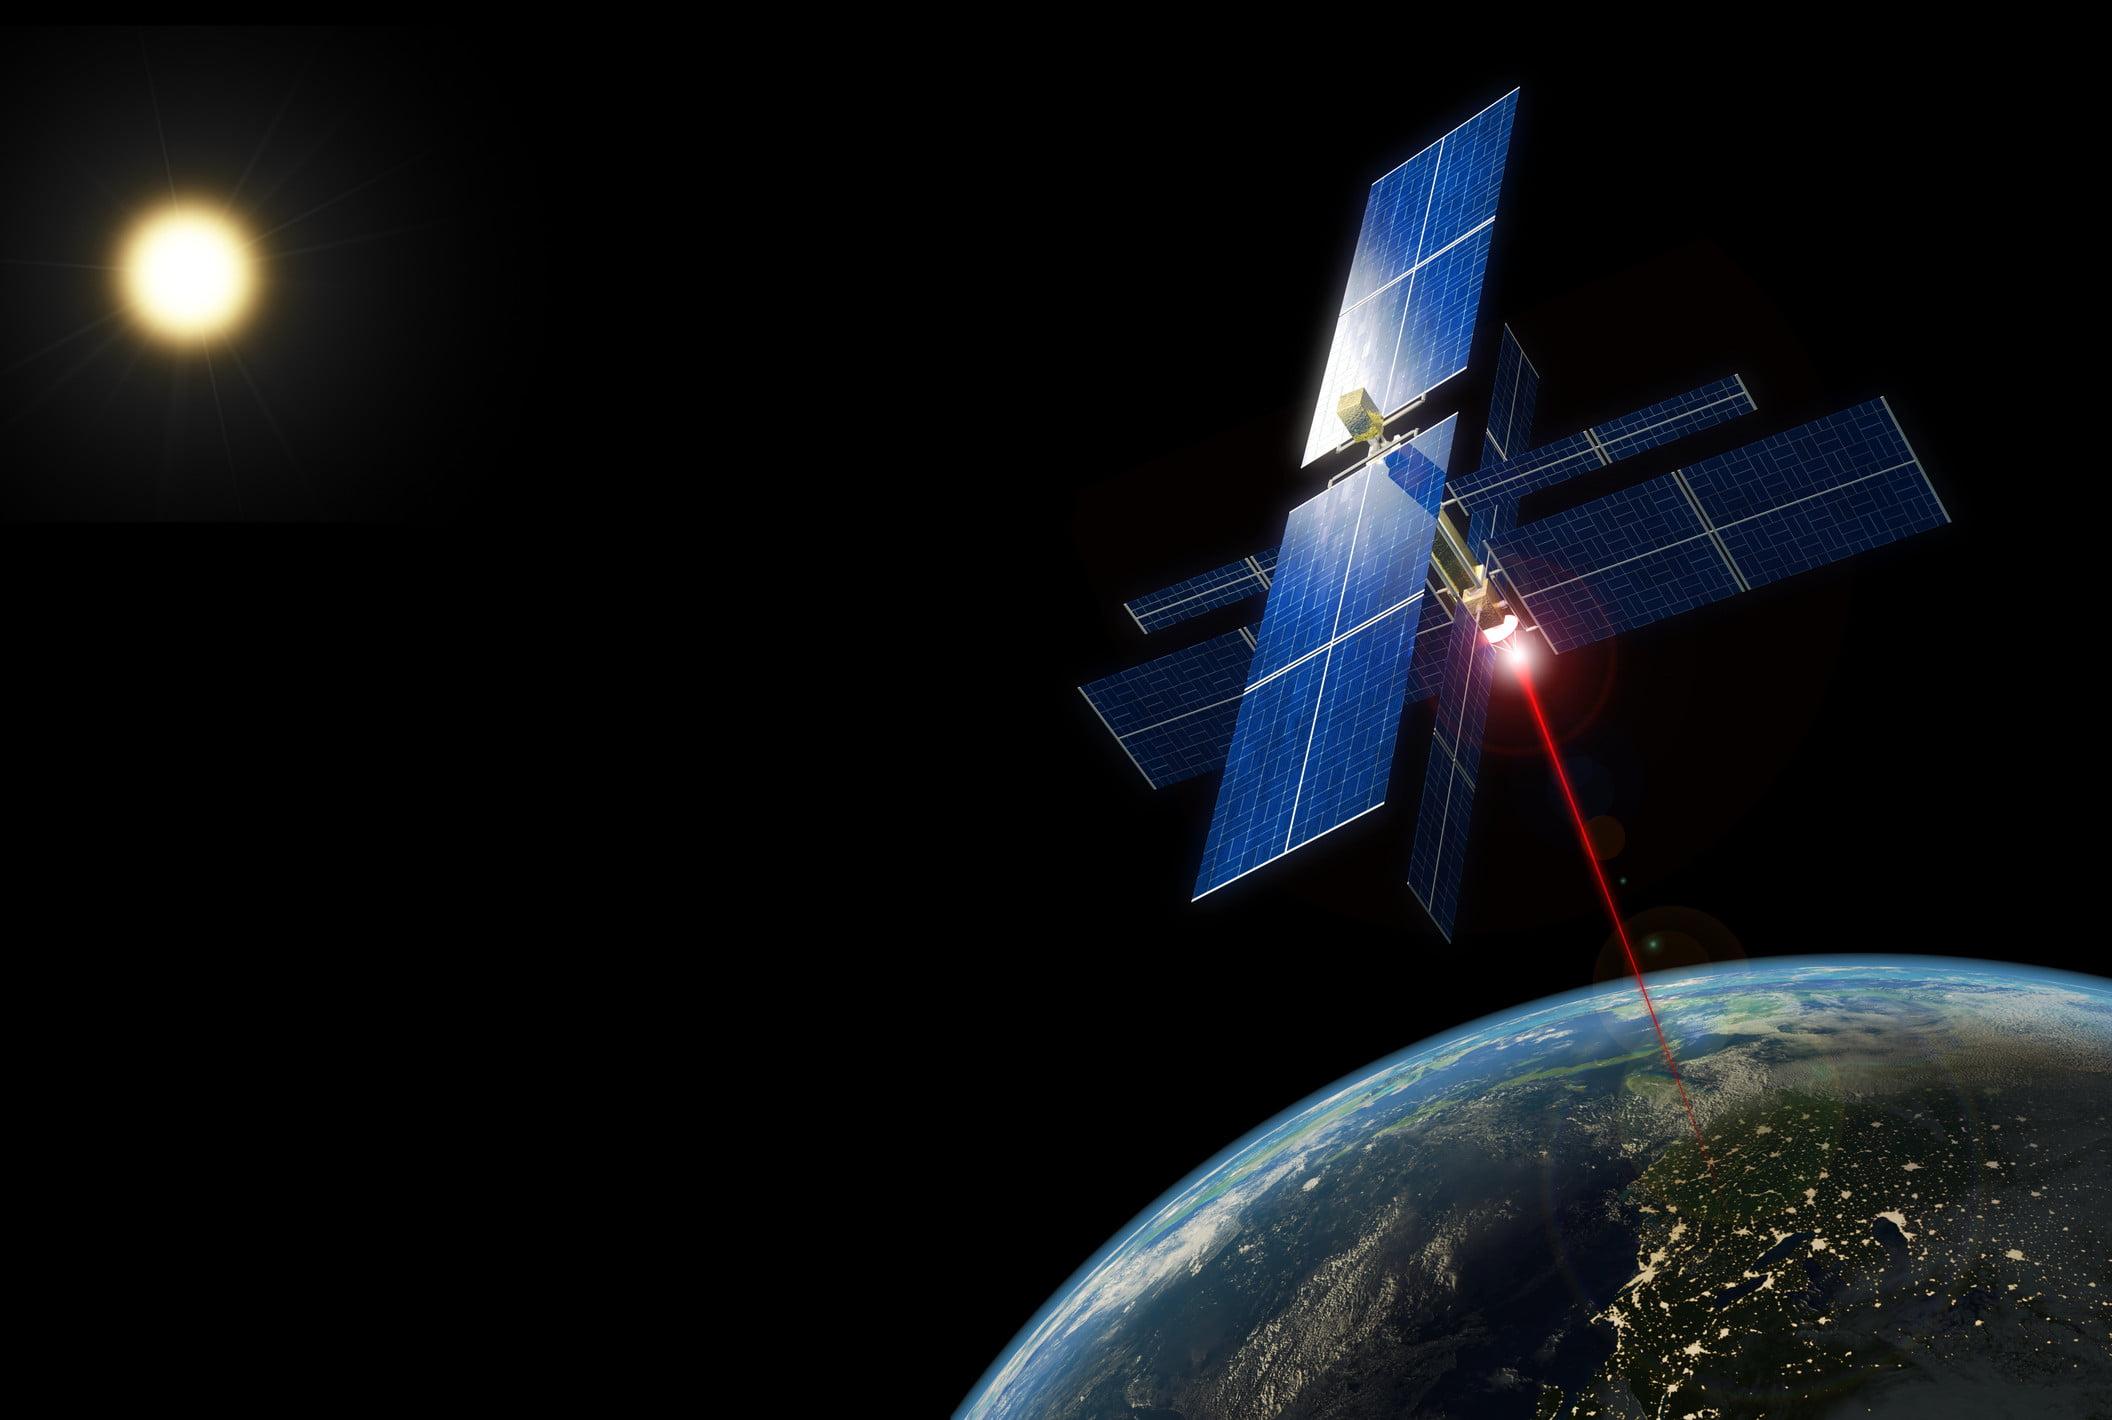 Китайцы построят первую солнечную электростанцию на орбите. Когда она заработает